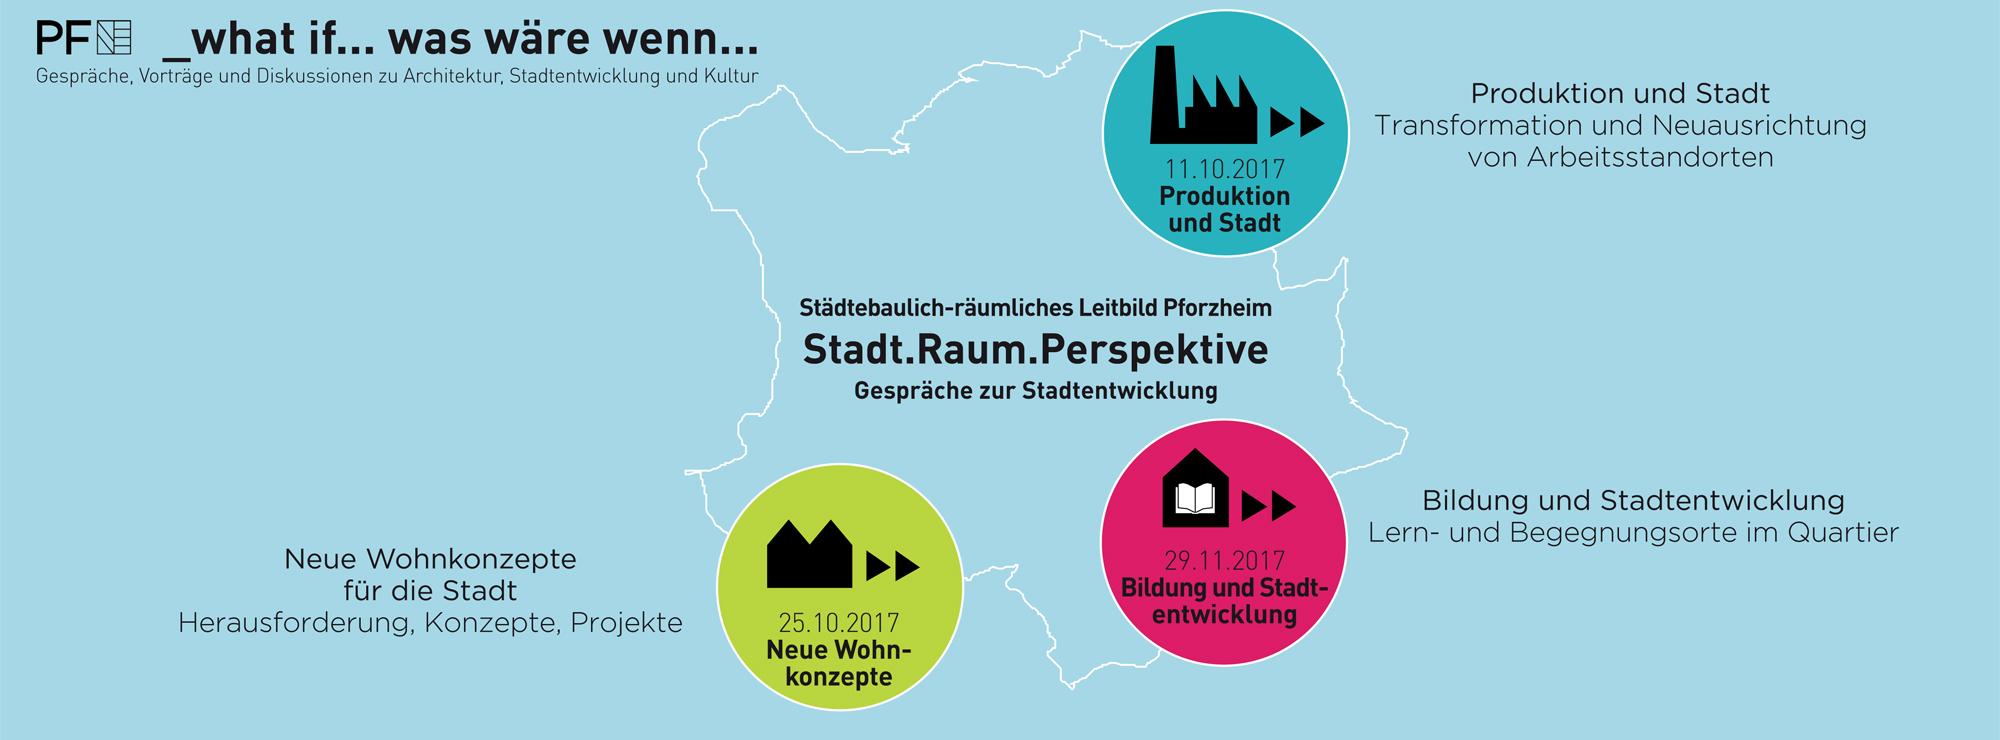 ppas_Pforzheim_Leitbild_Stadtentwicklung_Stadtentwicklungsperspektive_Dialog_Beteiligung